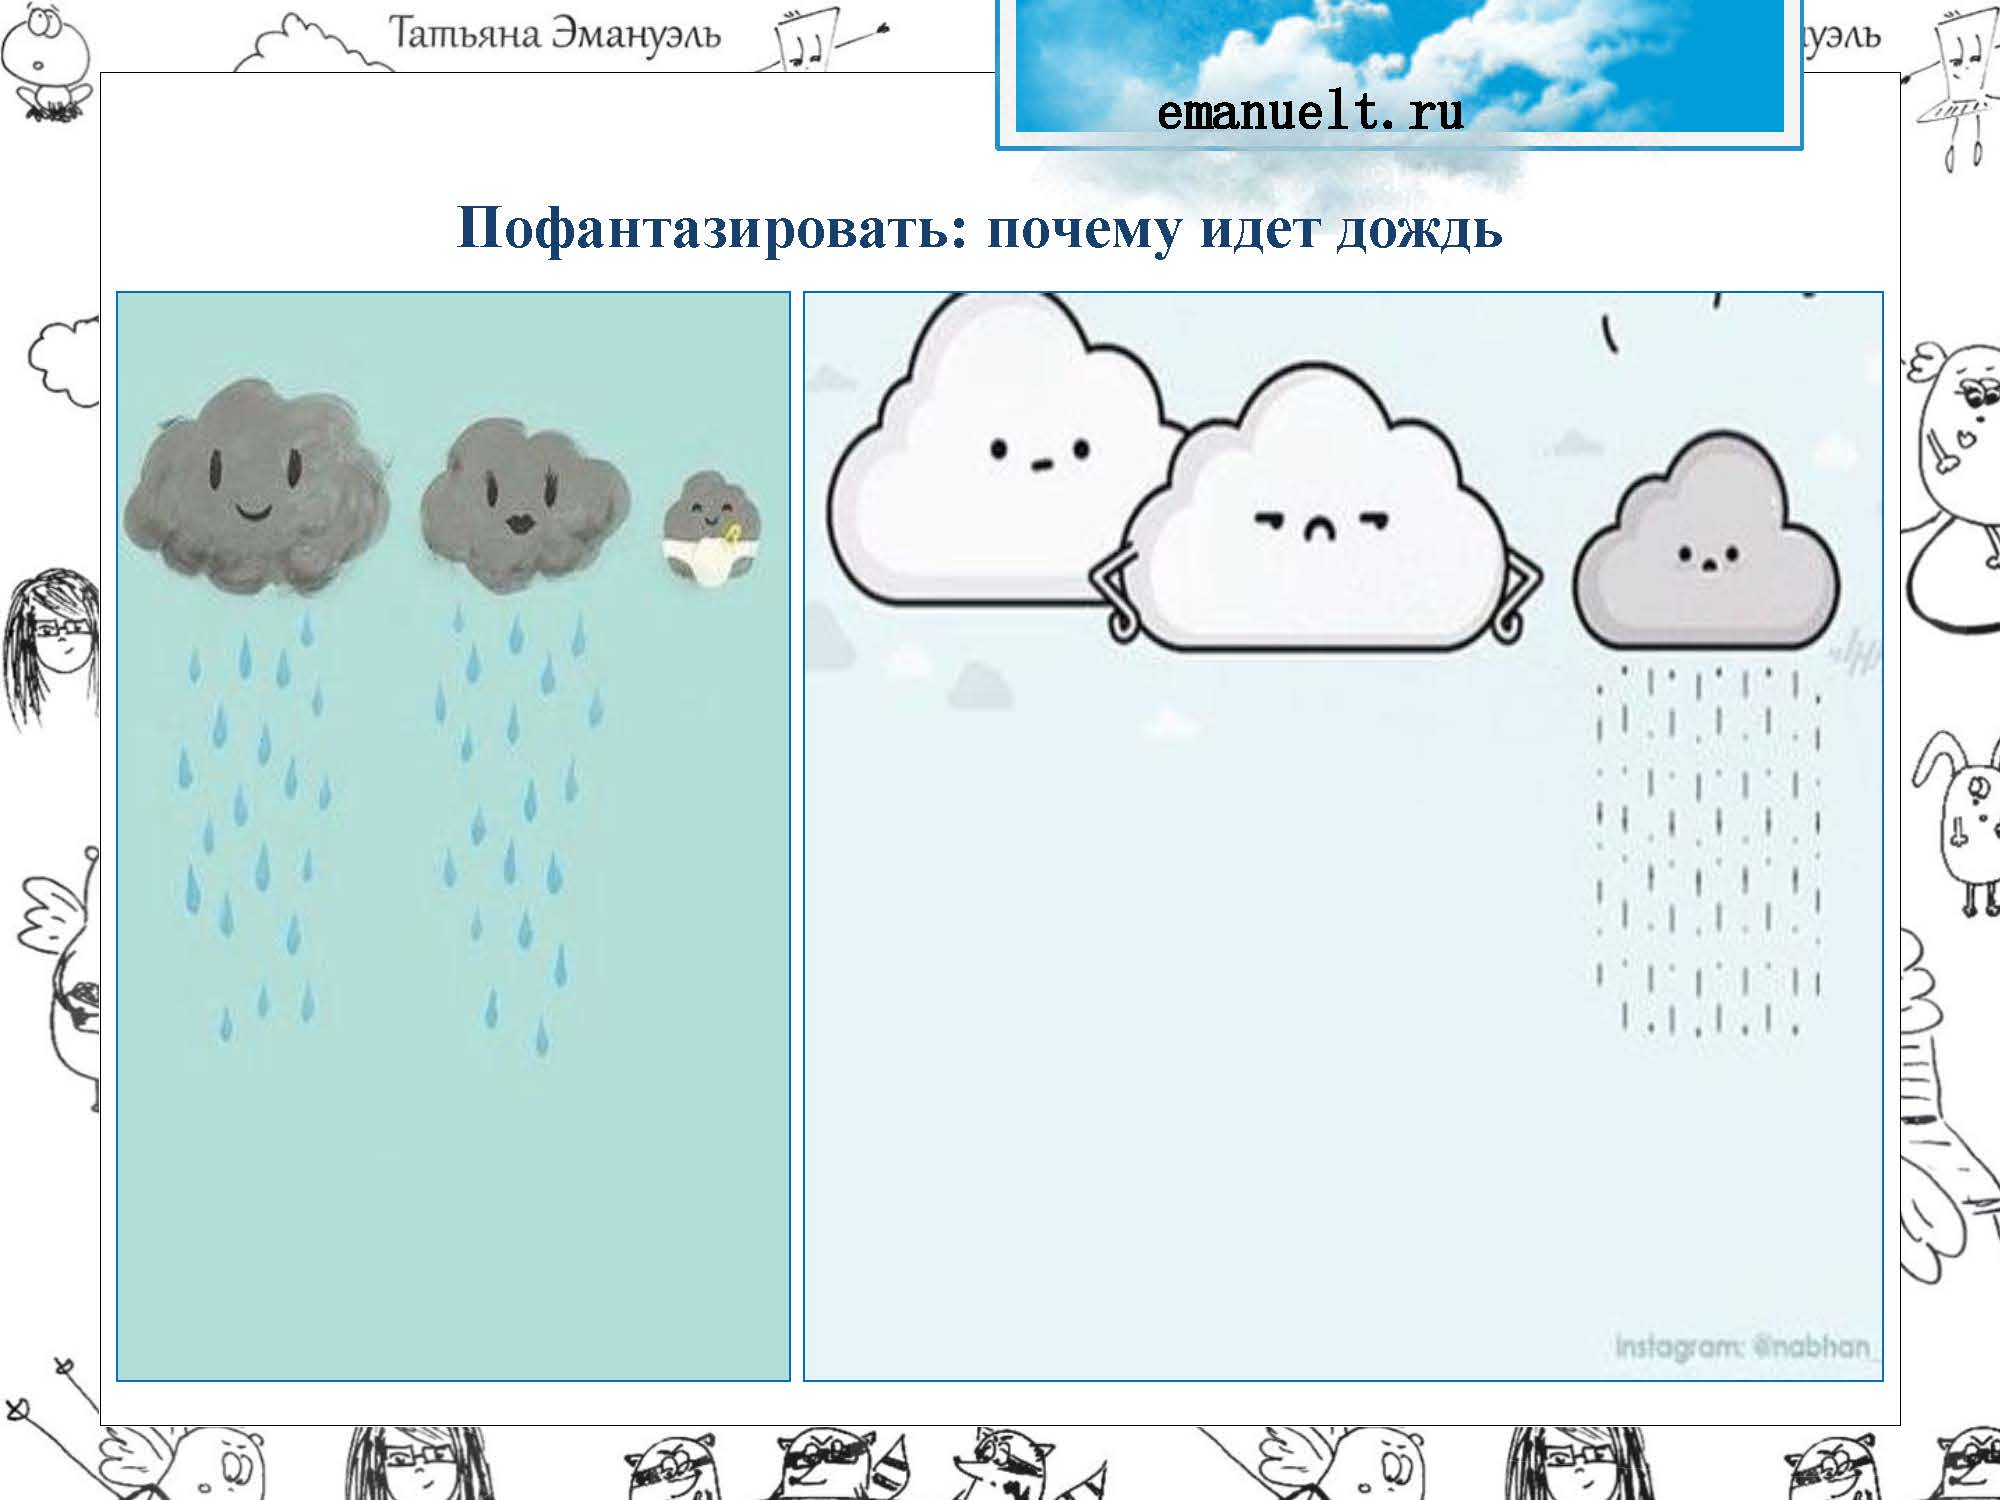 !облака_Страница_106